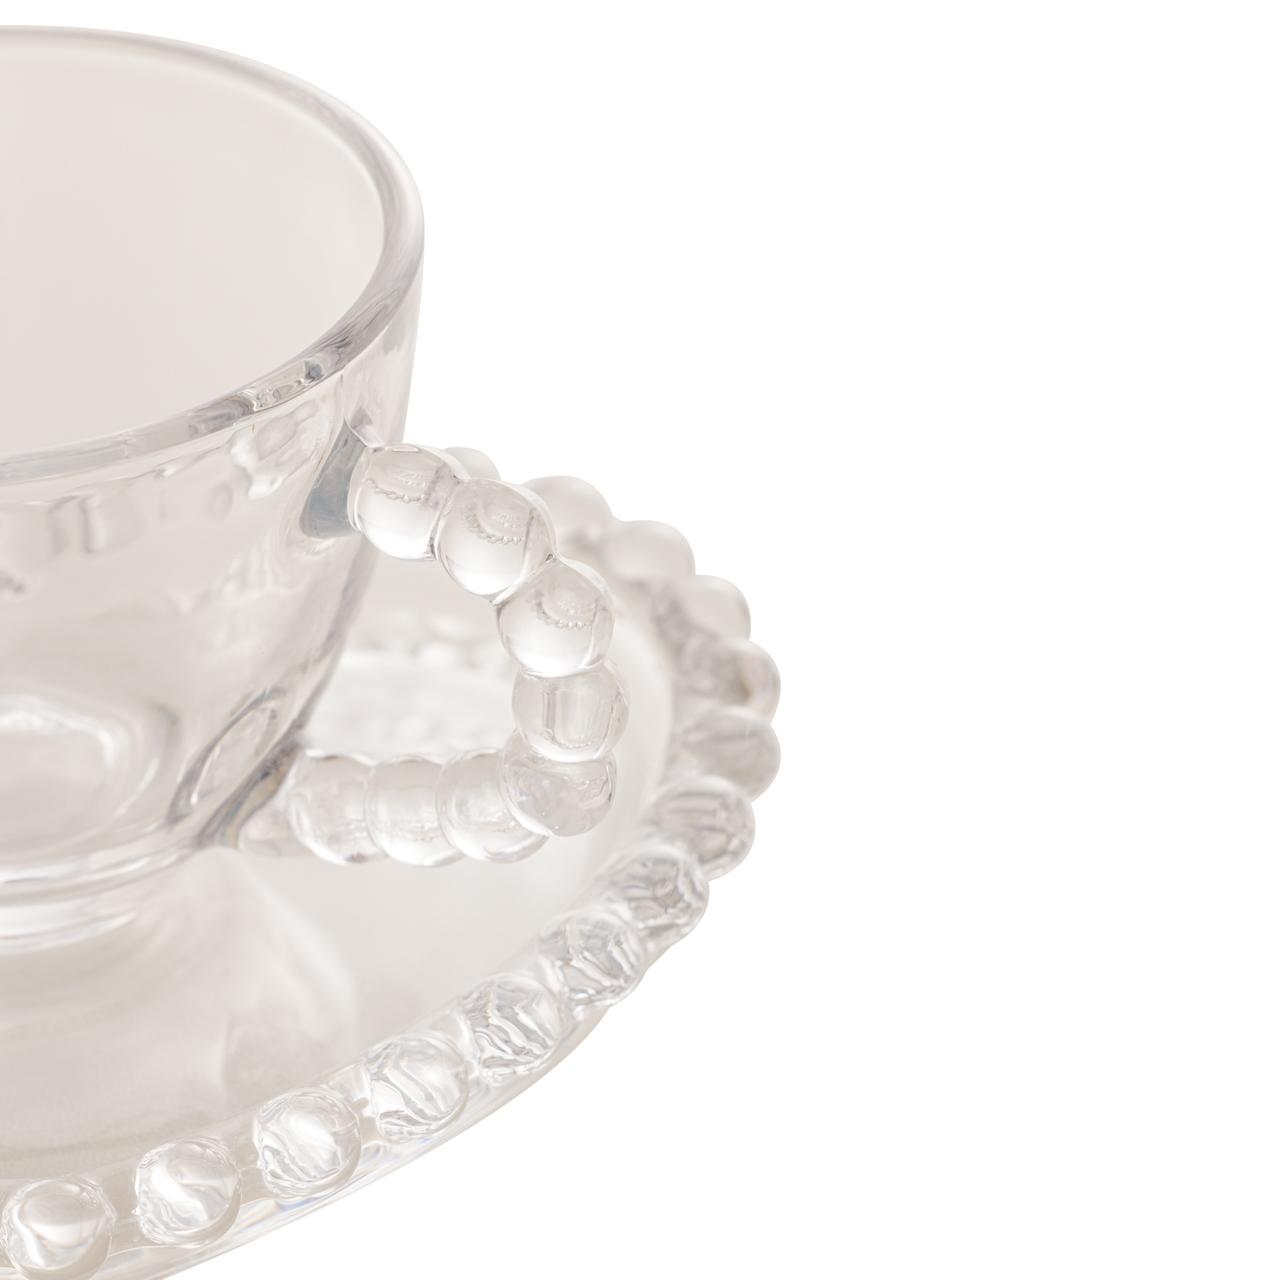 Jogo 4 xícaras 85ml para café de cristal coração com pires Pearl Wolff - 28383